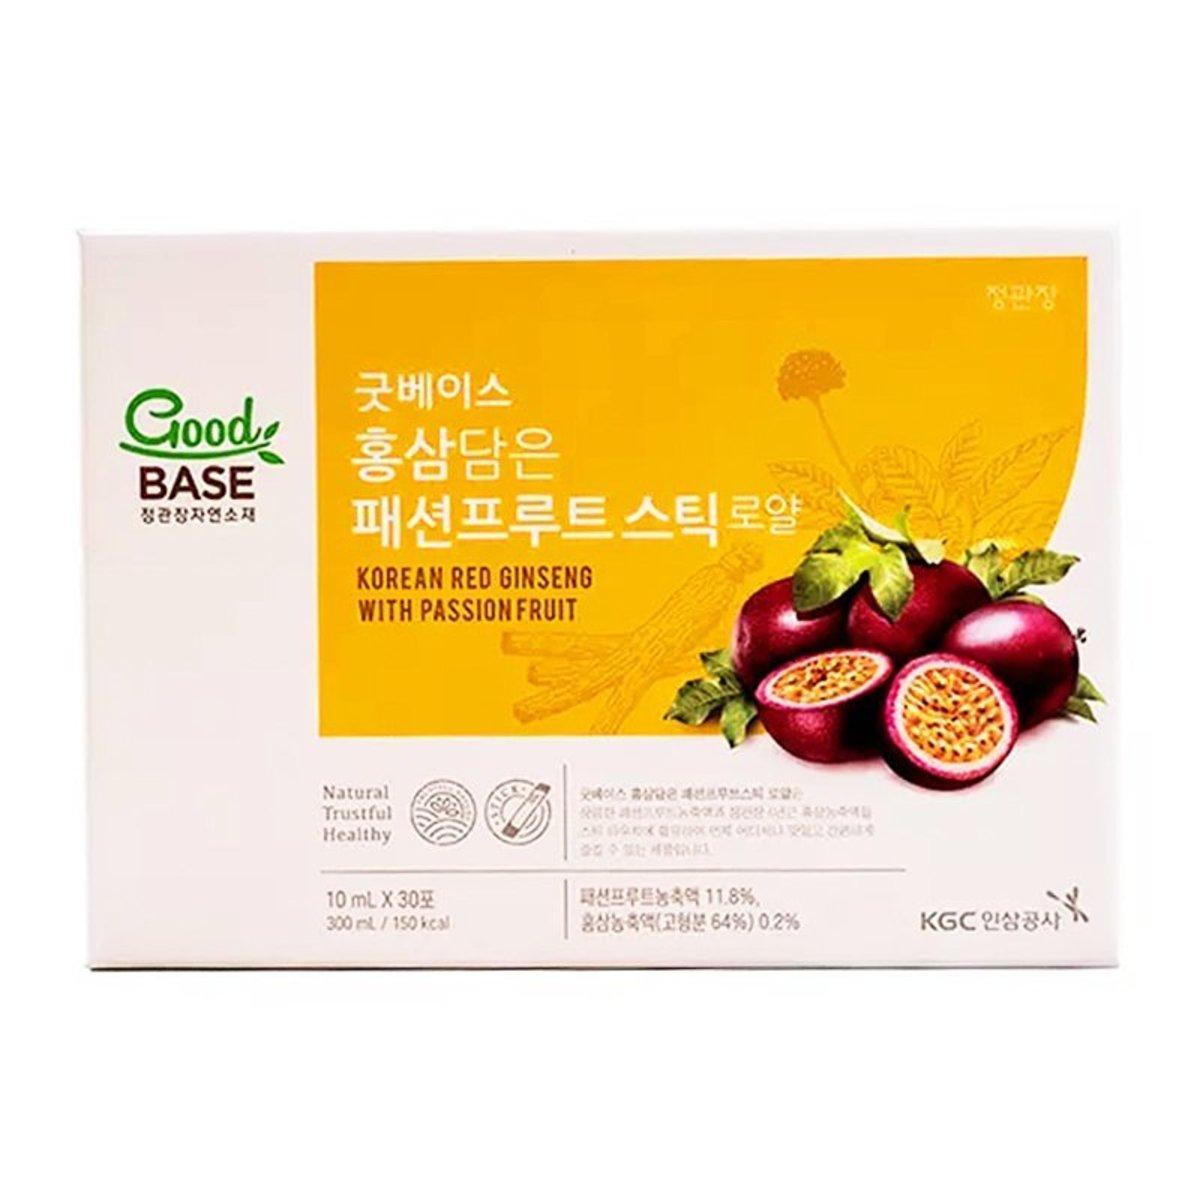 正官庄 Goodbase Korean Red Ginseng with Passion Fruit (一盒30包*10ml) good base [parallel product]